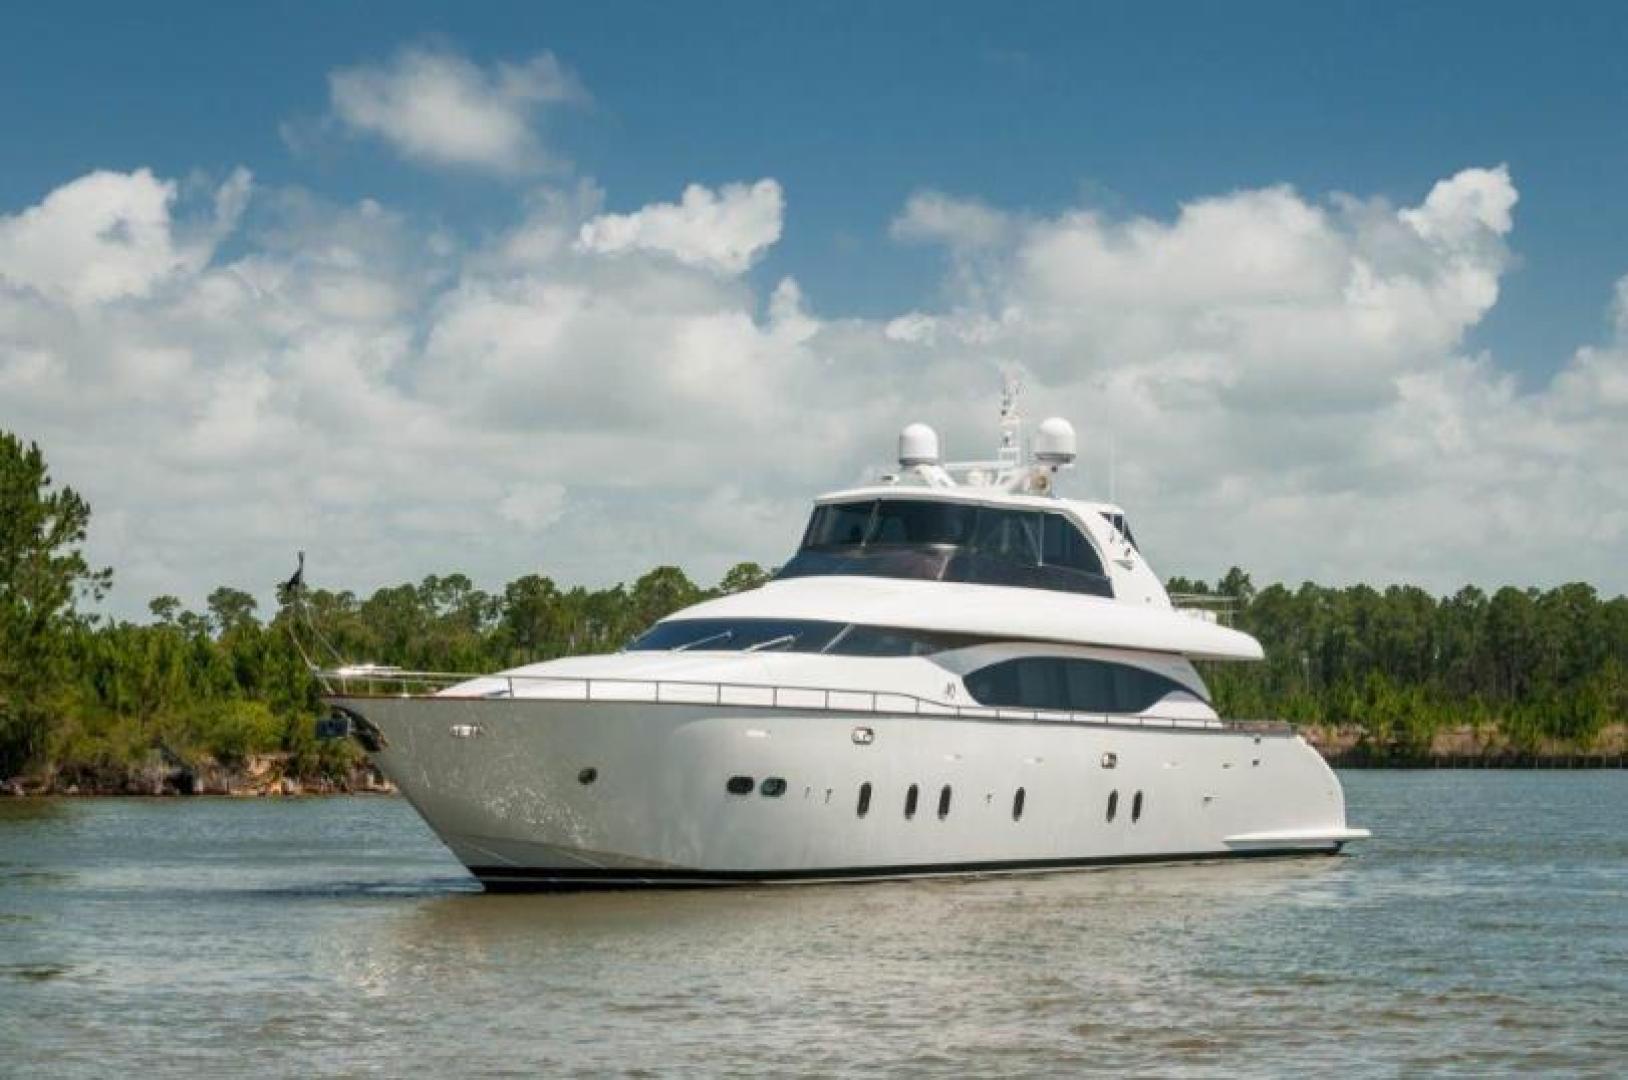 Maiora-84 Motor Yacht 2015-Never Rest SANDESTIN-Florida-United States-2015 Maiora 84 Motor Yacht Never Rest Profile-720524 | Thumbnail